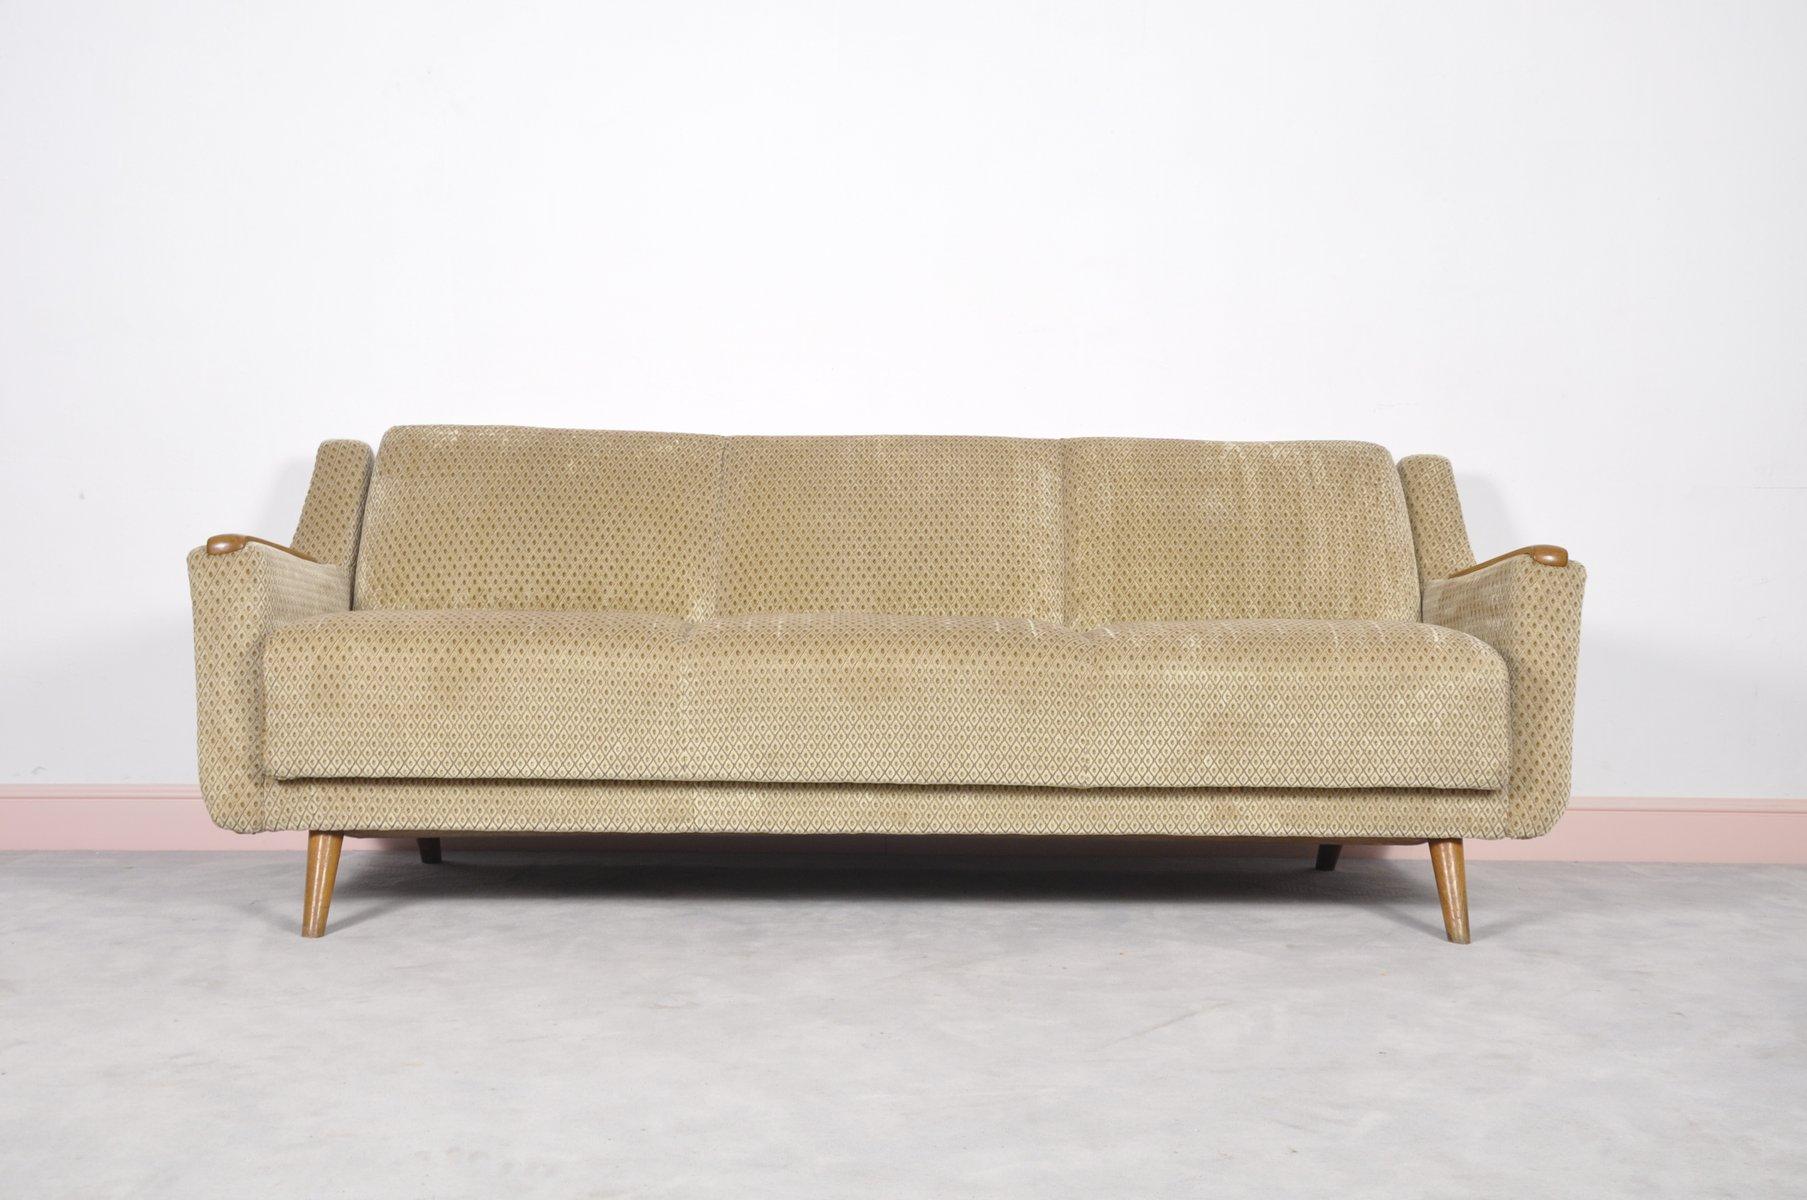 Canap lit mid century moderne avec accoudoirs en ch ne for Canape lit en anglais